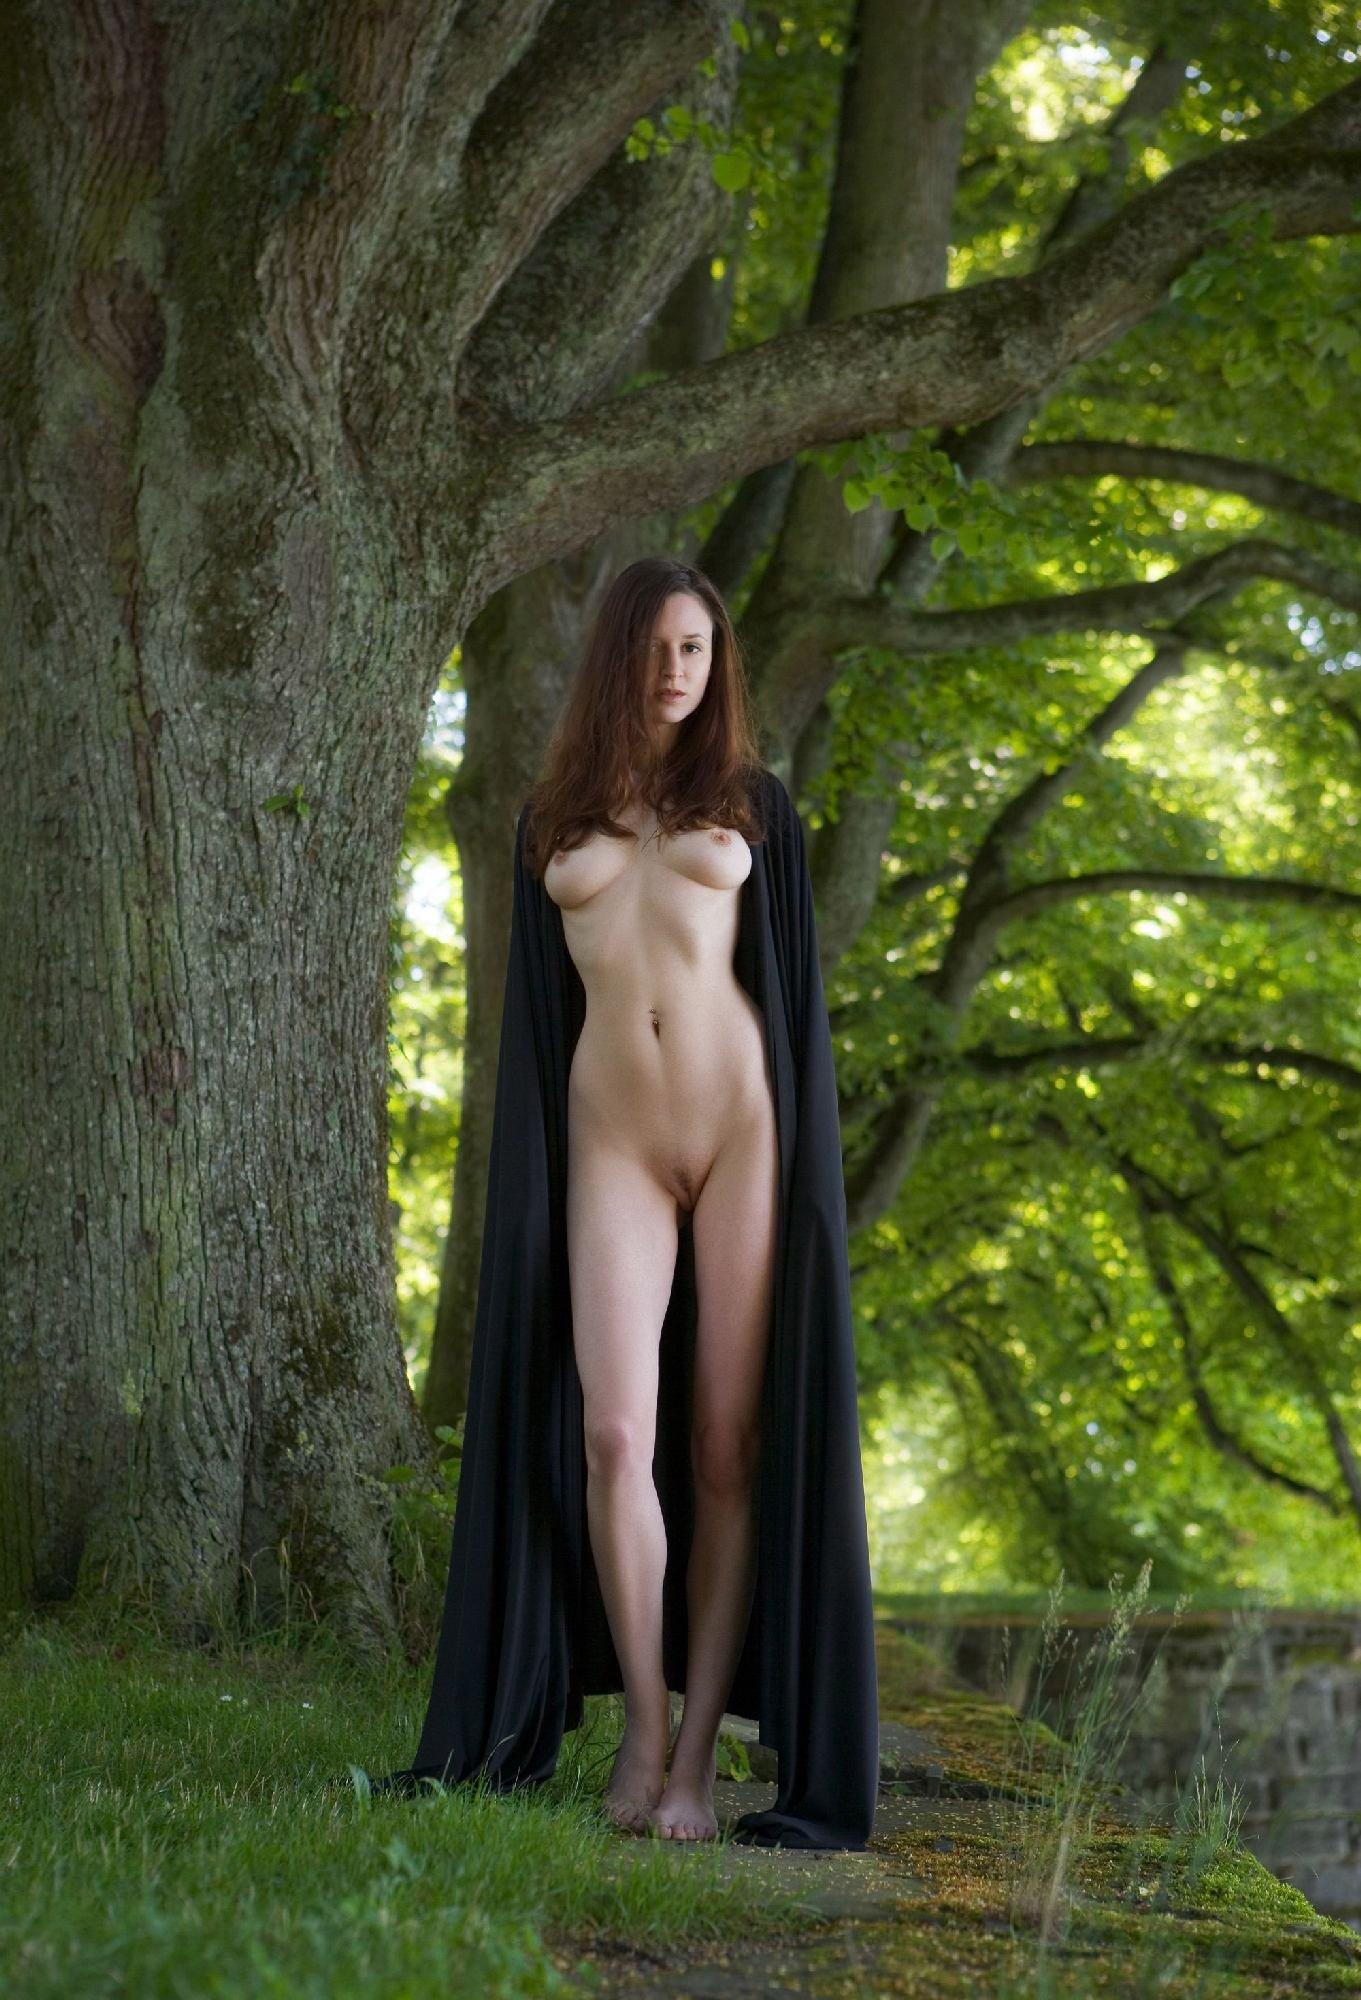 foto-erotika-v-plashe-eroticheskie-filmi-roliki-smotret-onlayn-so-zvukami